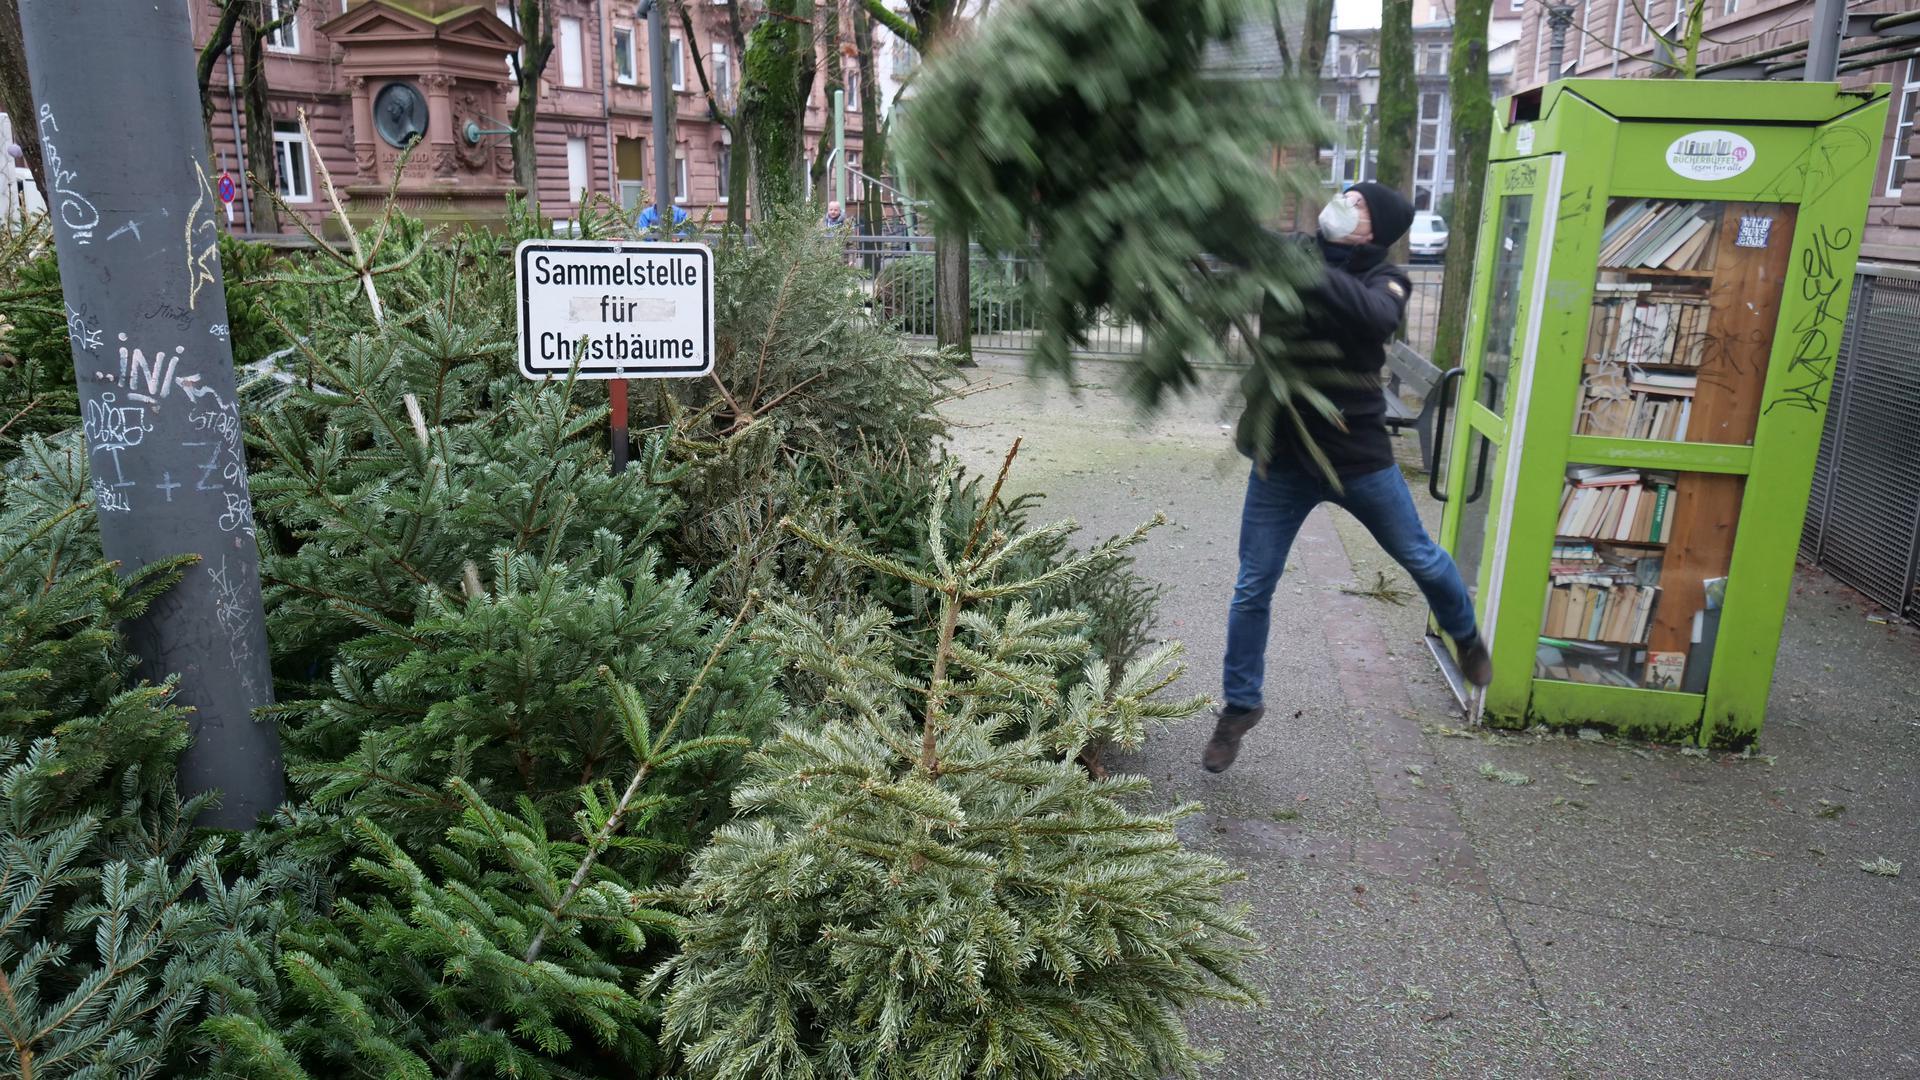 Ein Mann wirft seinen Christbaum auf die Sammelstelle.